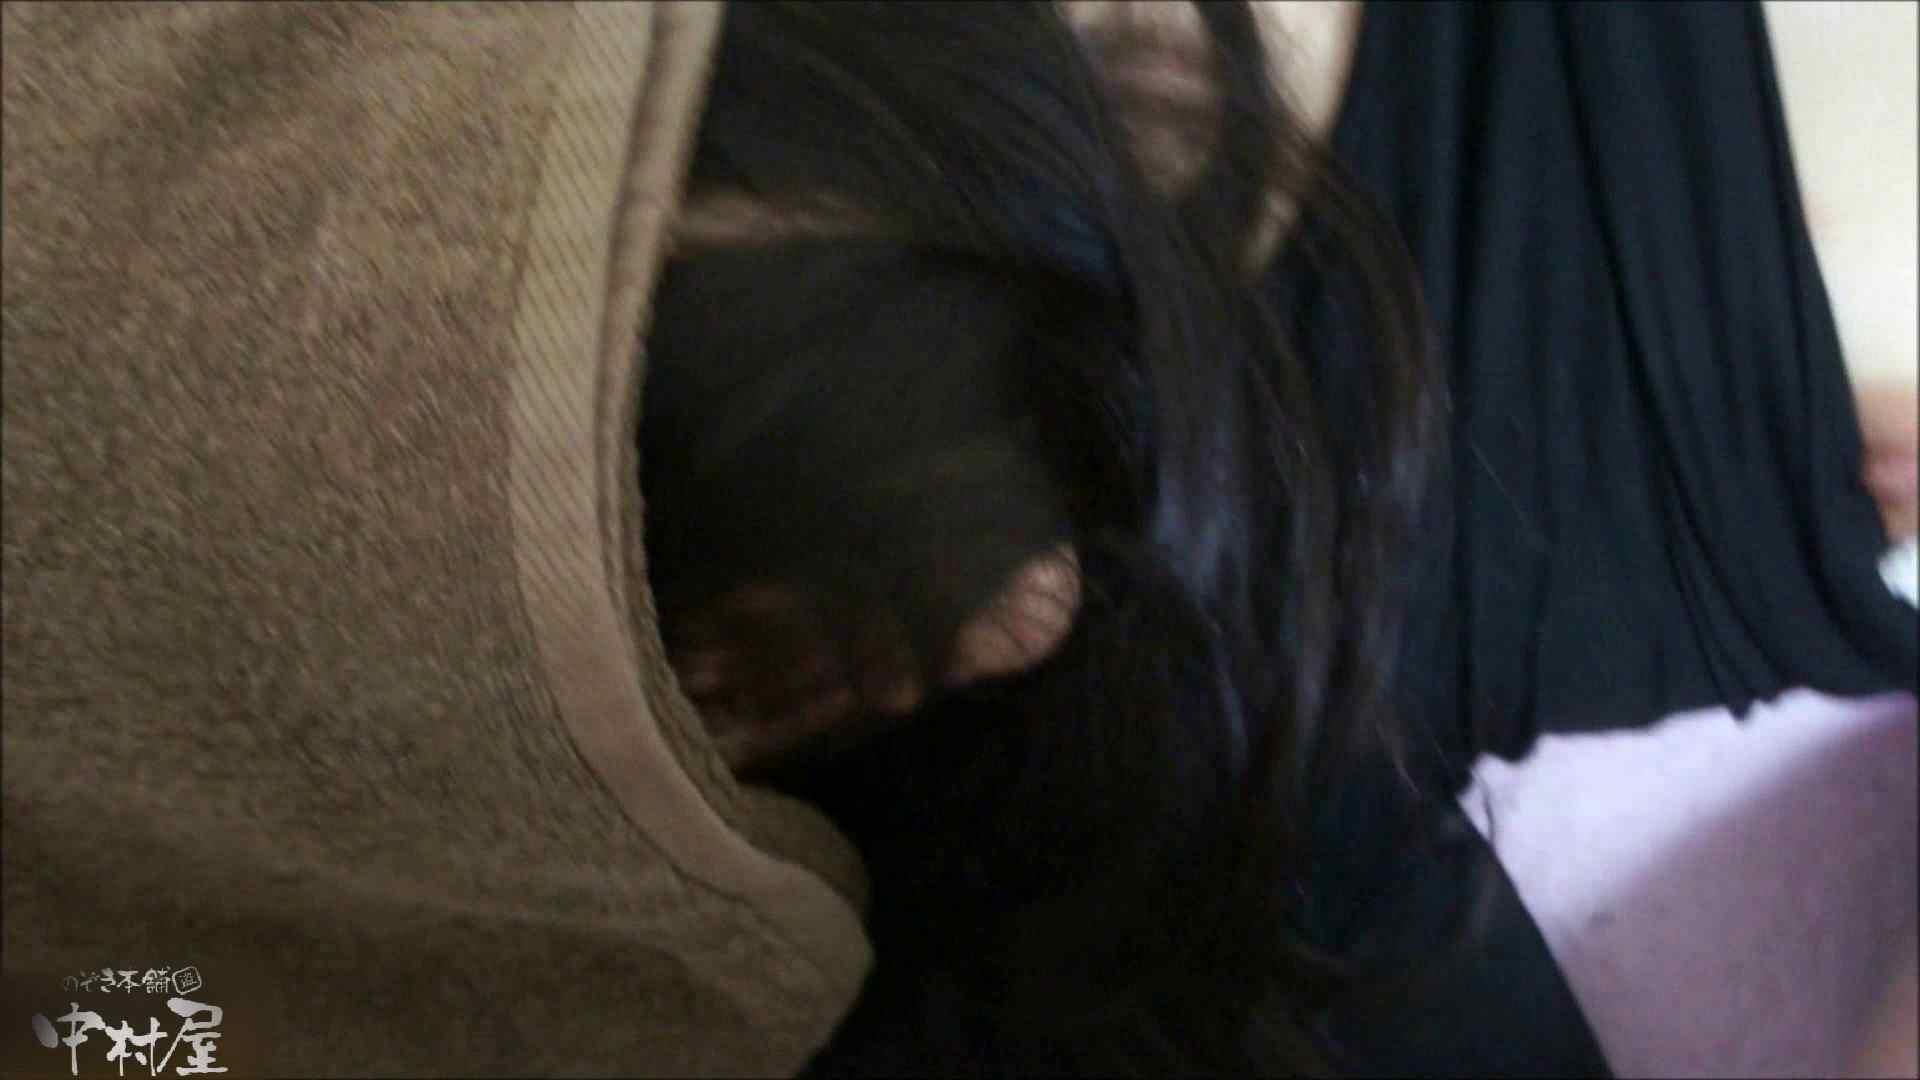 盗撮AV:二人とも育てた甲斐がありました…vol.29  眠るレイカを突いて・・・:のぞき本舗 中村屋